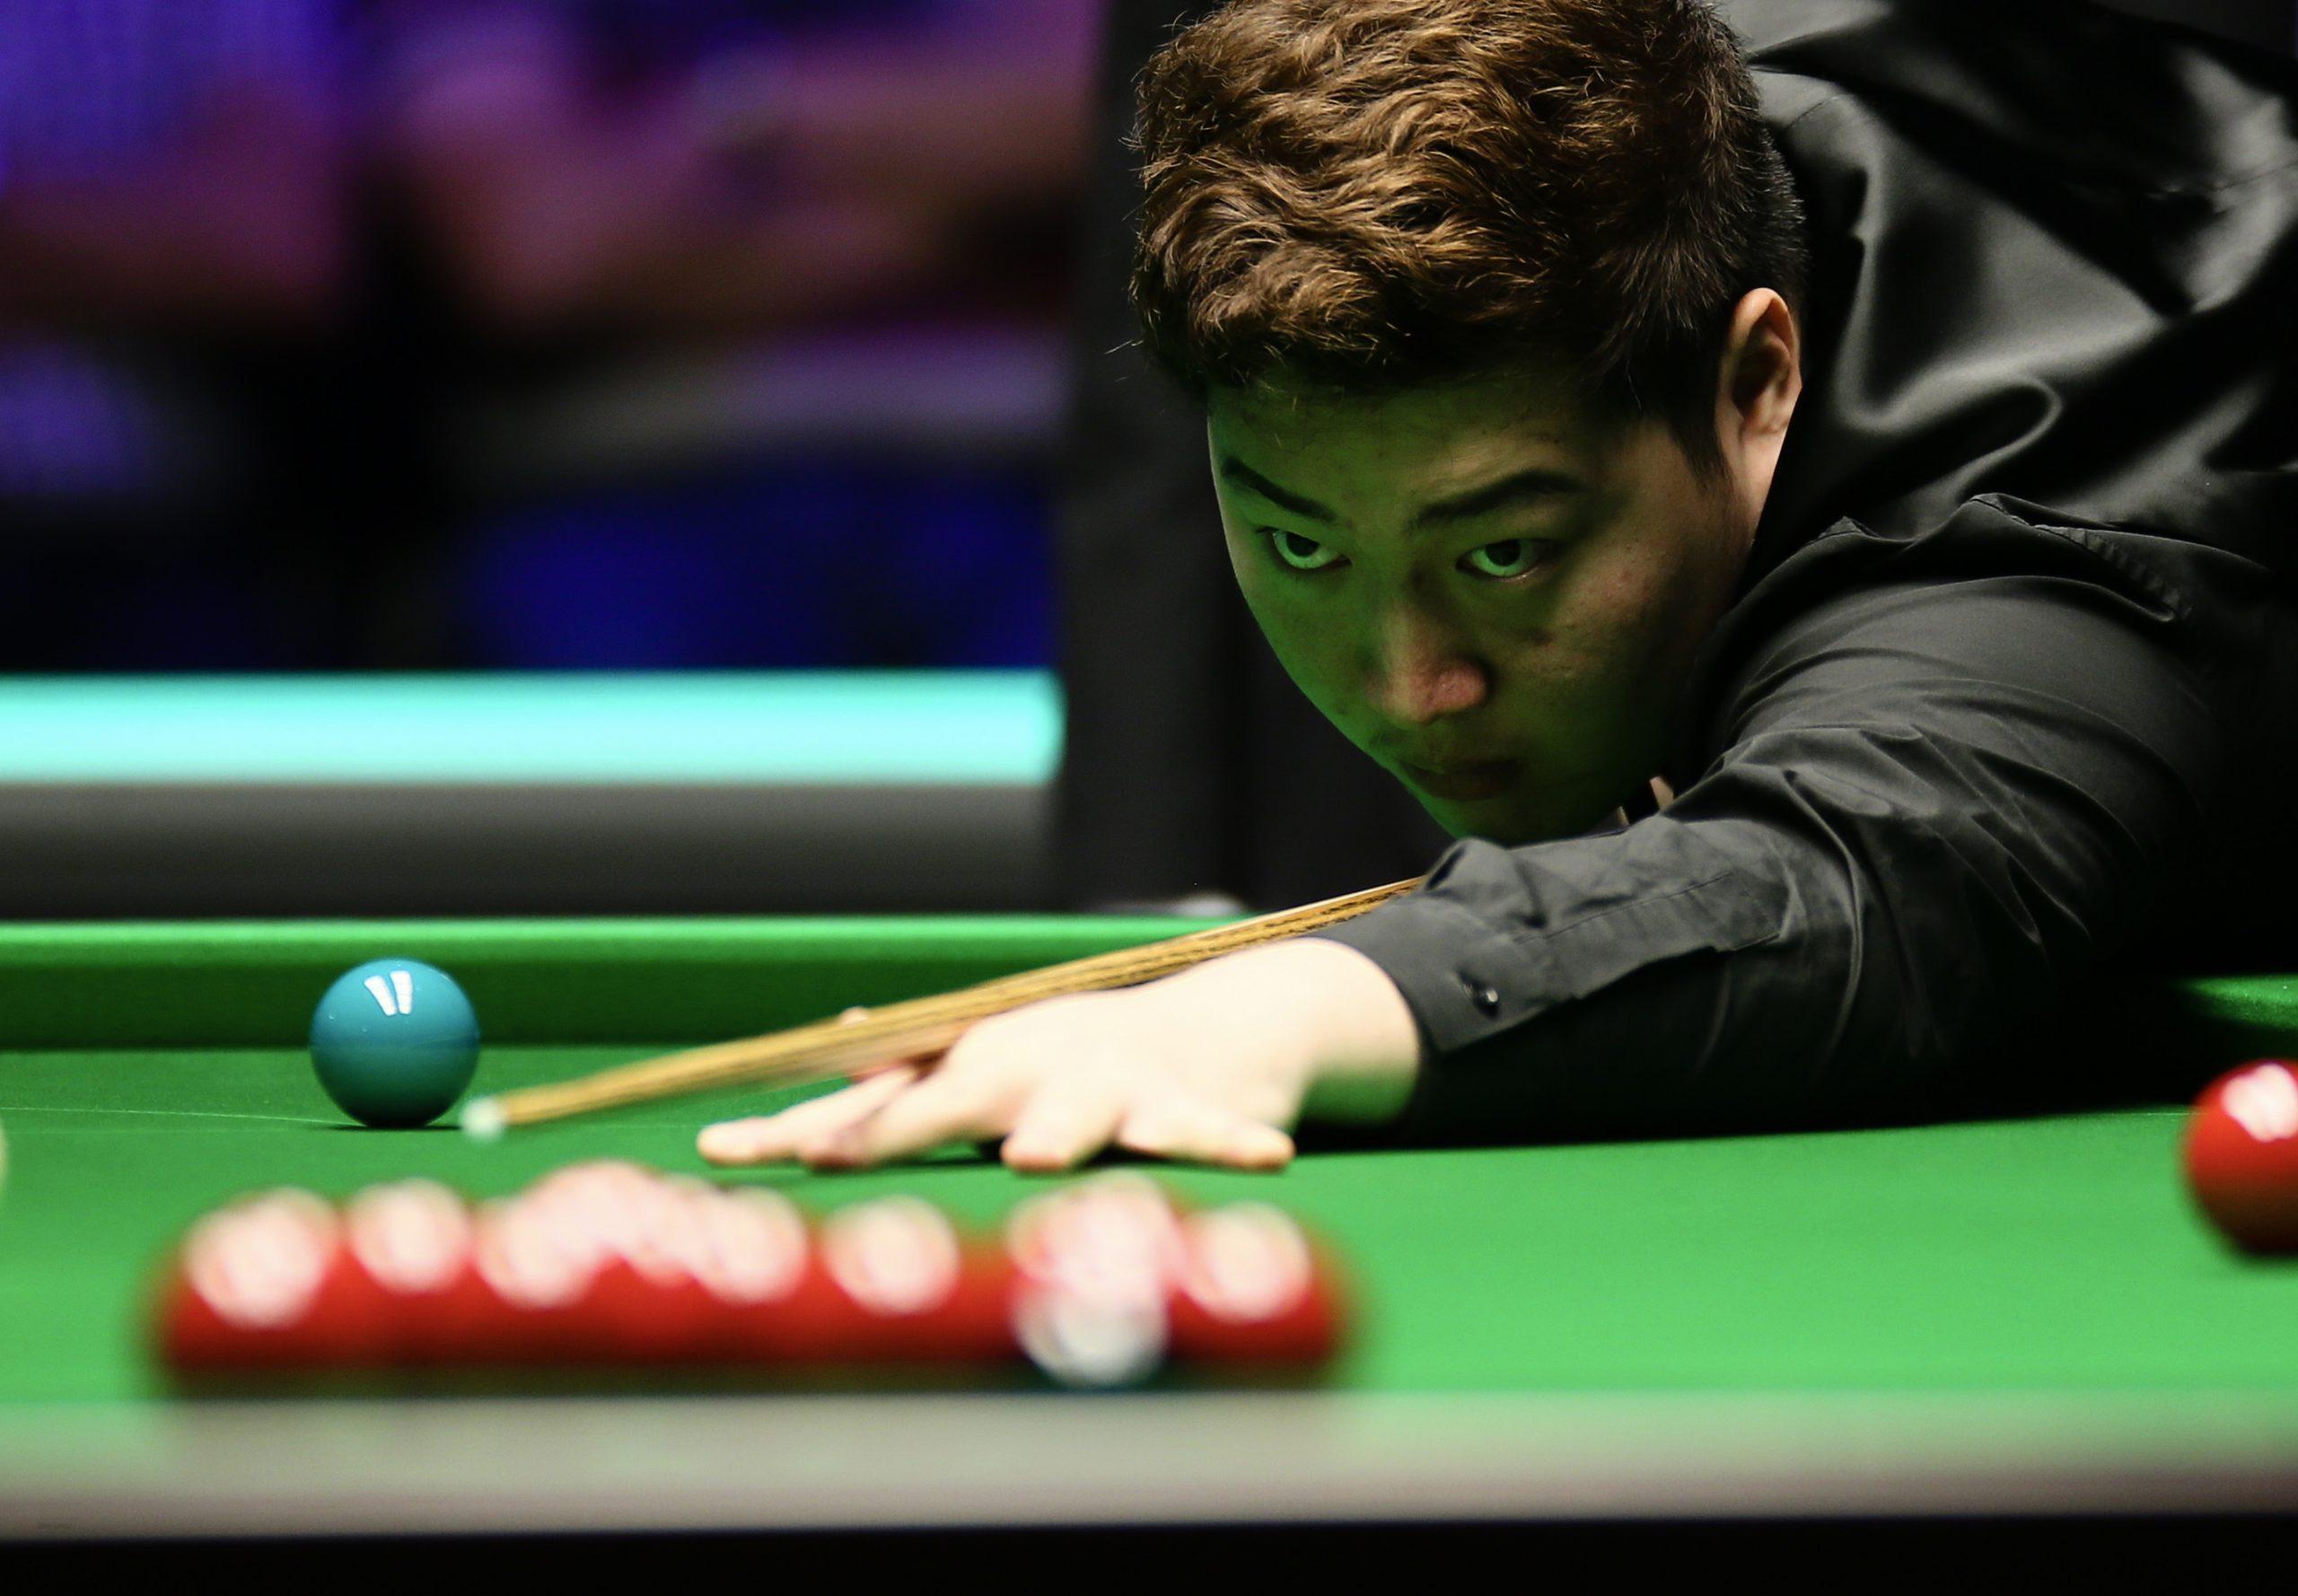 Yan Bingtao and Matthew Selt win respective groups